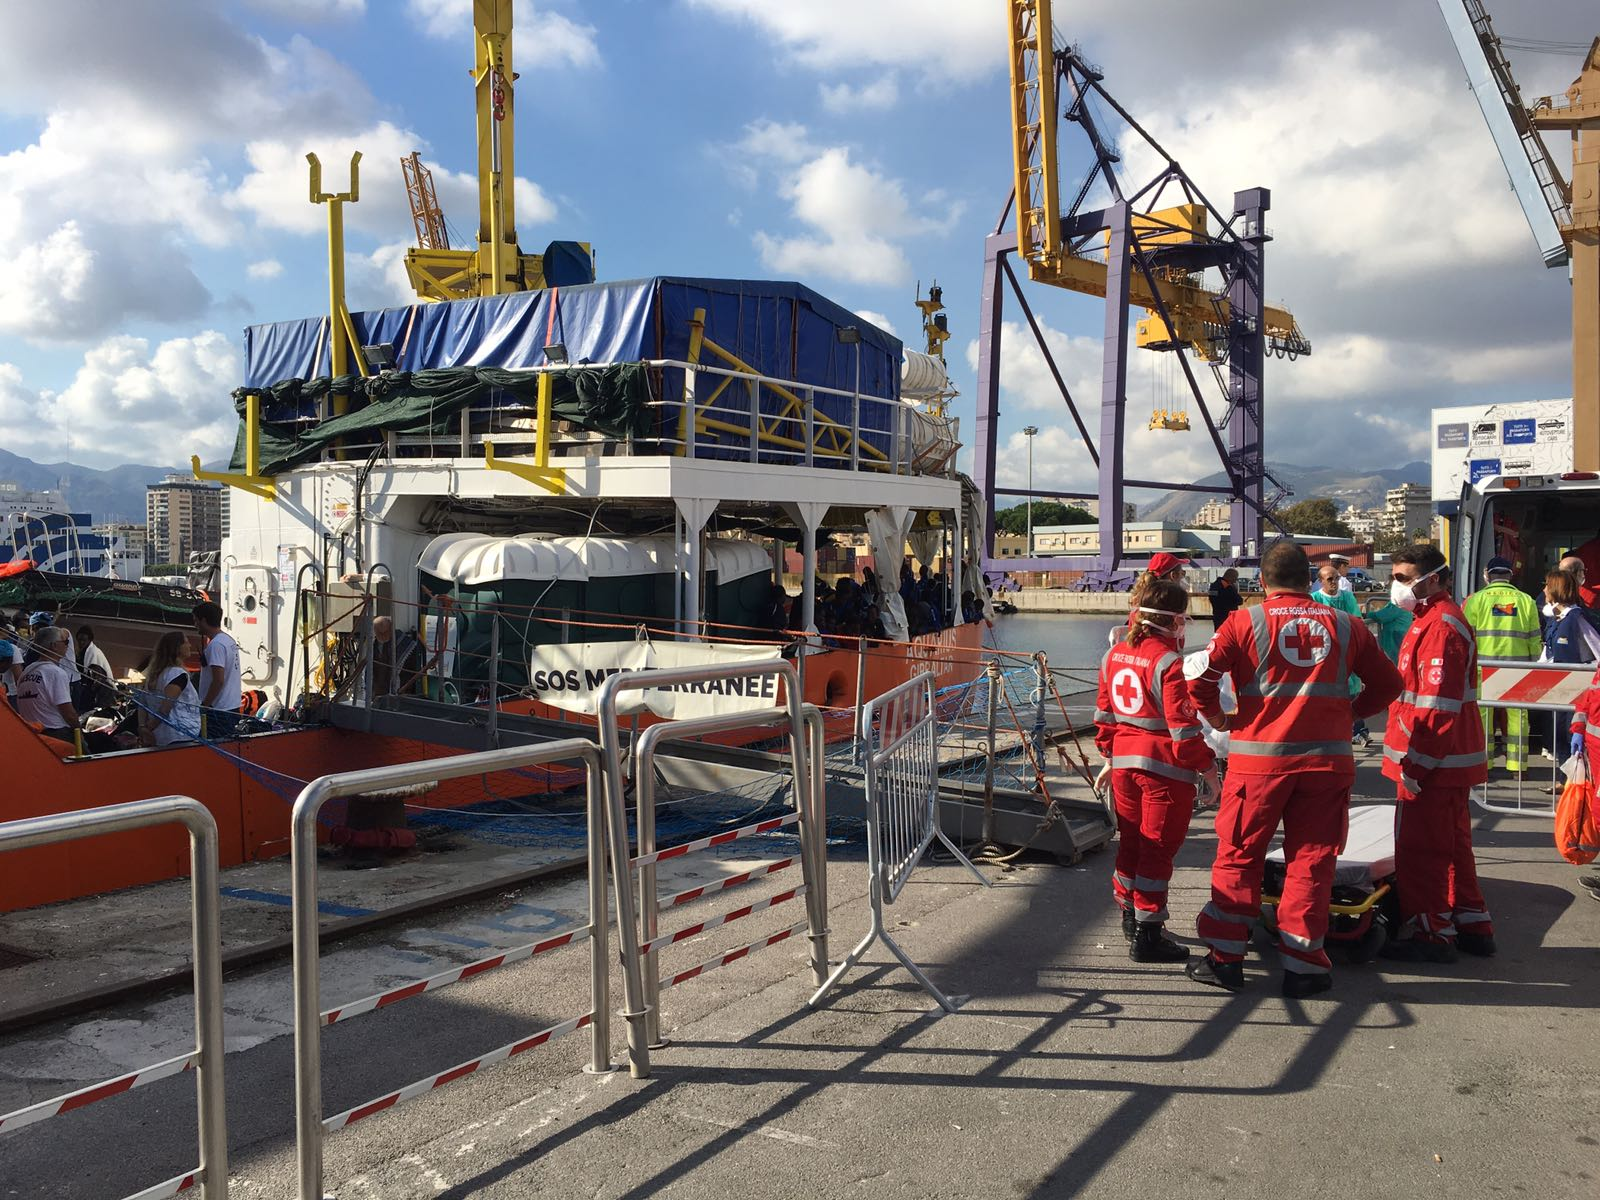 Migranti: 606 su nave Aquarius a Palermo, record di bambini